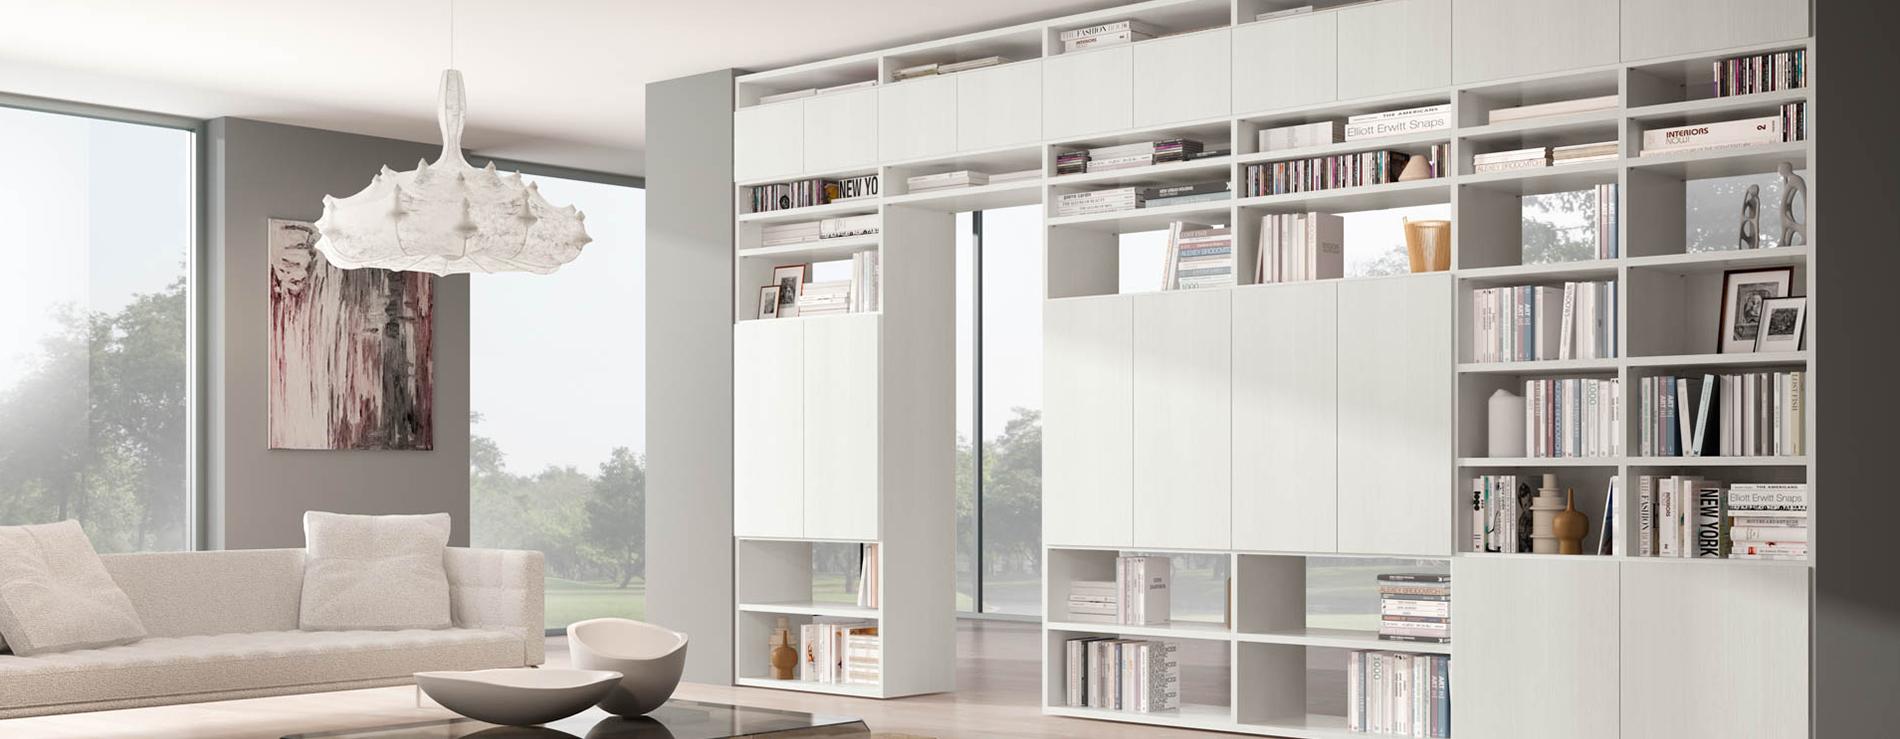 libreria76